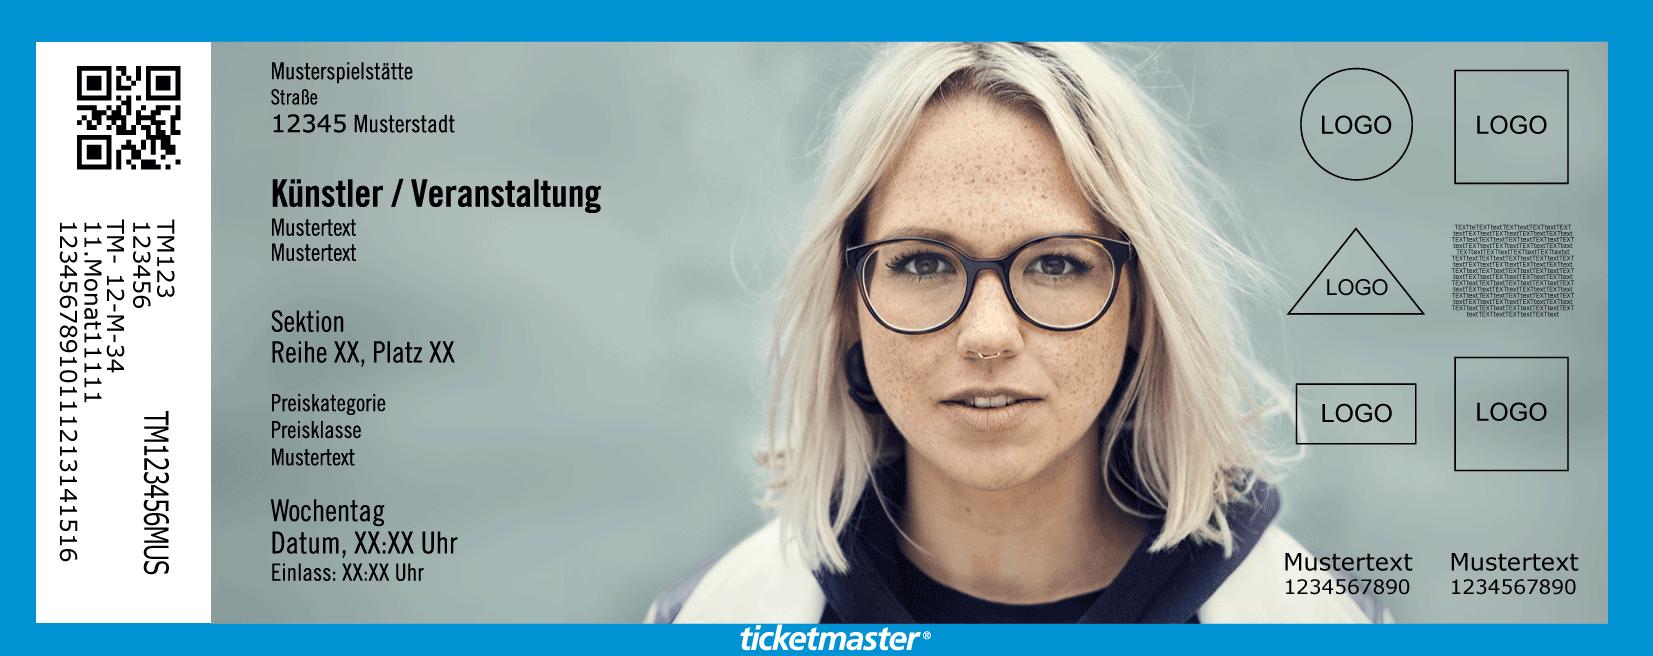 Stefanie Heinzmann Tickets Kaiserslautern 23112019